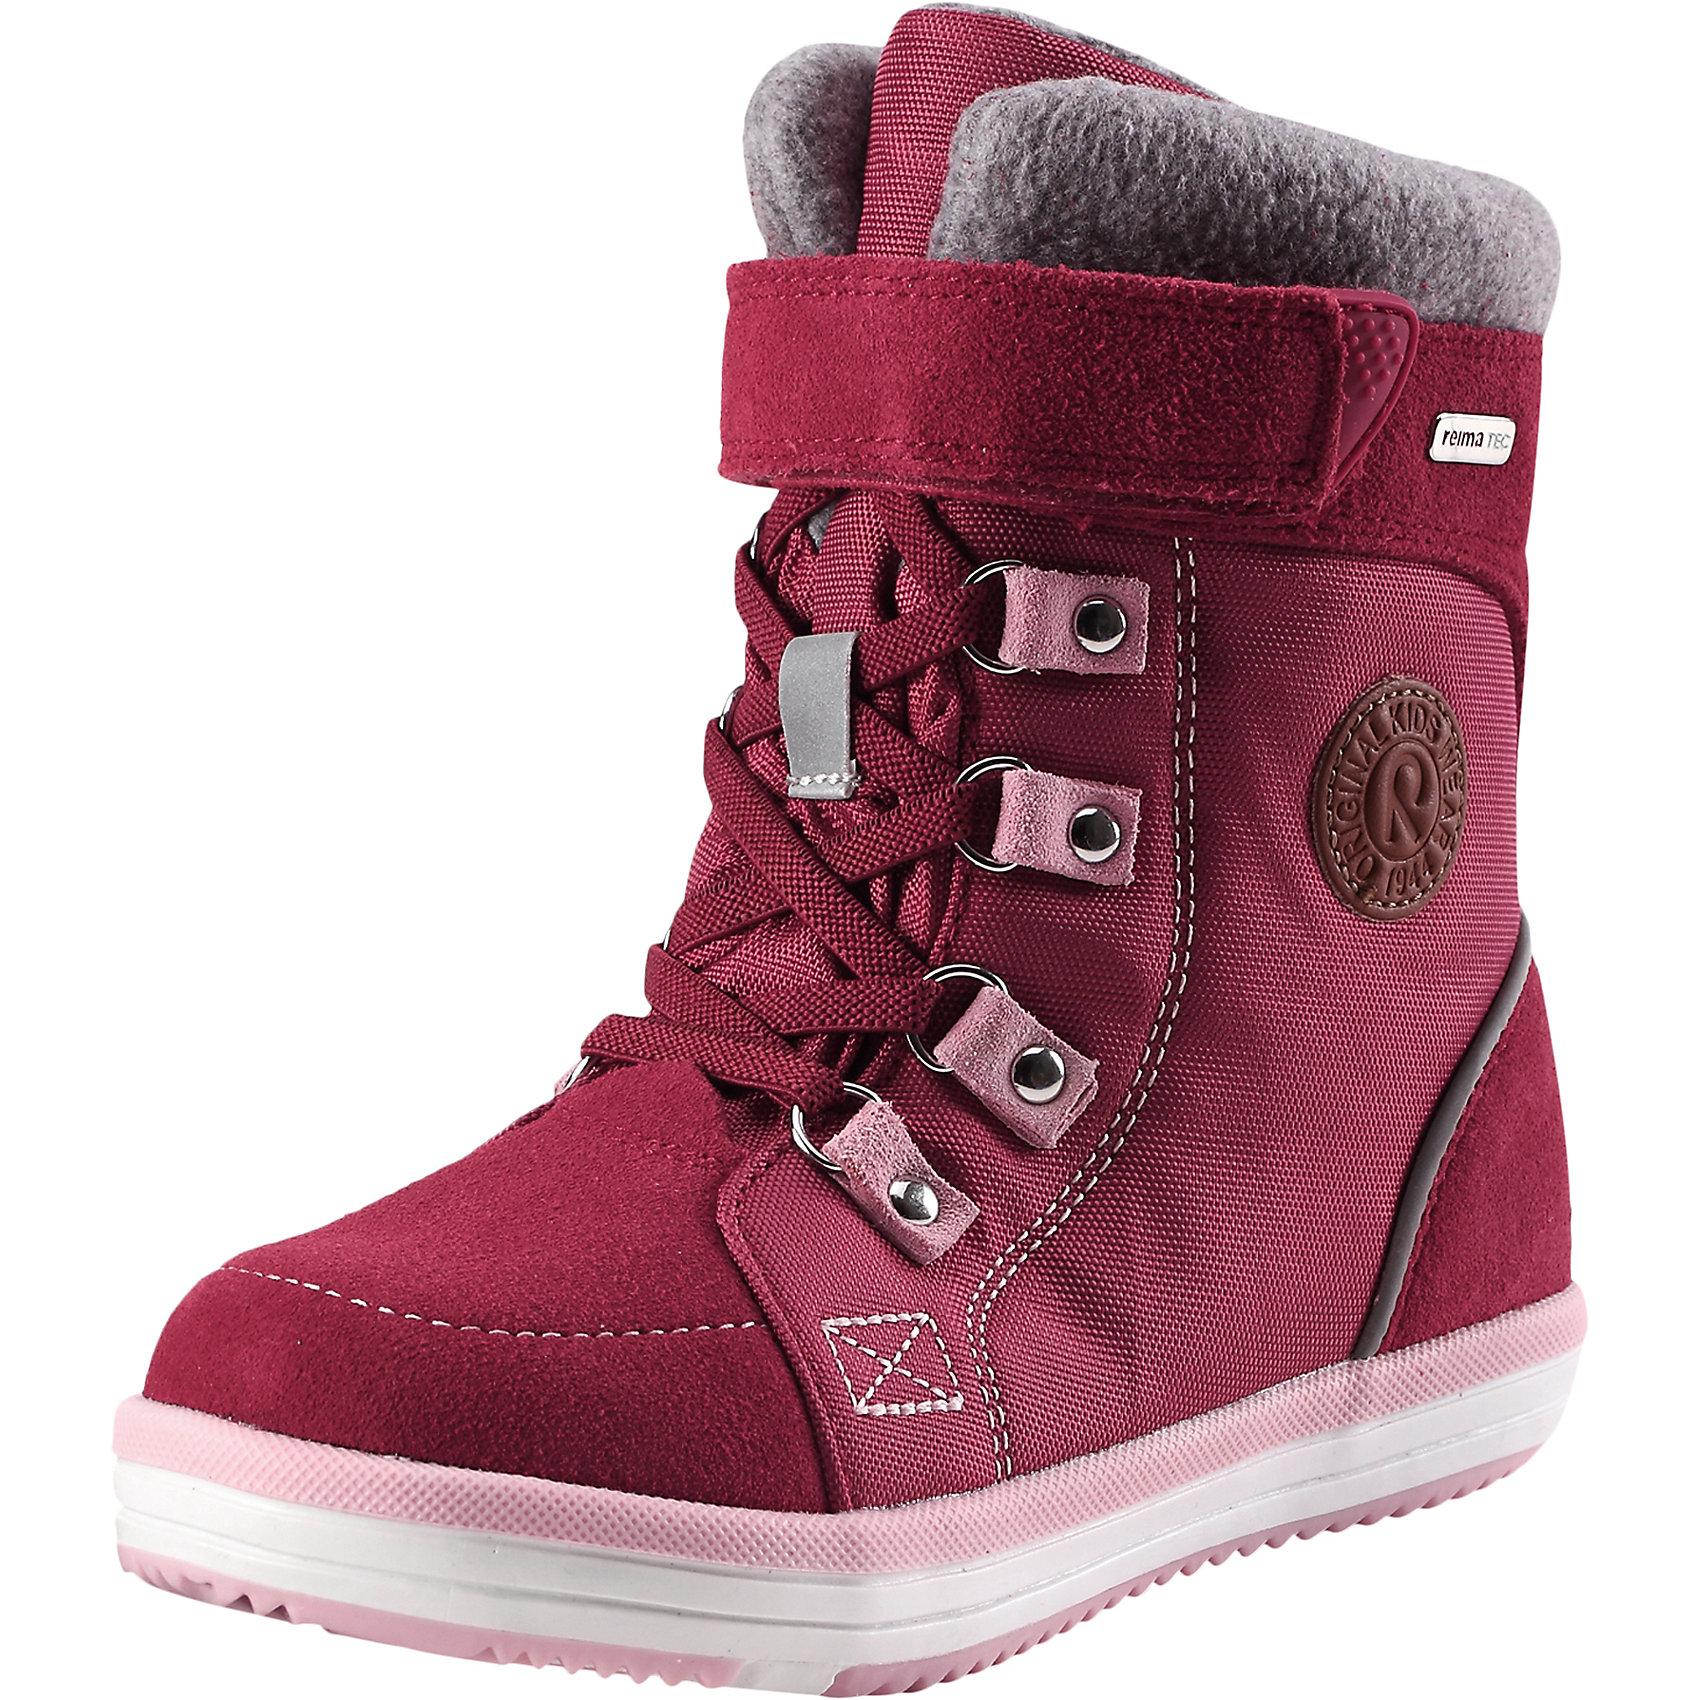 Ботинки Freddo Reimatec® ReimaОбувь<br>Характеристики товара:<br><br>• цвет: розовый;<br>• внешний материал: натуральная замша (телячья кожа), текстиль;<br>• внутренний материал: искусственный мех;<br>• стелька: войлок;<br>• подошва: термопластичный каучук;<br>• сезон: зима;<br>• температурный режим: от -5 до -20С;<br>• водонепроницаемая зимняя обувь;<br>• верх из натуральной замши (из телячьей кожи) и текстиля;<br>• подошва из термопластичного каучука обеспечивает хорошее сцепление с поверхностью;<br>• водонепроницаемые, герметичные вставки с флисовой  подкладкой;<br>• съемные стельки из войлока с рисунком Happy Fit, который помогает определить размер;<br>• застежка: молния сбоку, эластичные шнурки и липучка-утяжка по верху ботинок;<br>• светоотражающие детали;<br>• страна бренда: Финляндия;<br>• страна производства: Китай.<br><br>Очень теплые зимние ботинки на молнии Freddo! Эти полностью непромокаемые зимние ботинки станут отличным вариантом как для прогулок по городу, так и для веселых игр в снегу. Верх изготовлен из очень красивой телячьей замши и текстиля, а подошва из термопластичной резины обеспечивает хорошее сцепление на любой поверхности. <br><br>Рисунок Happy Fit на съемных войлочных стельках поможет подобрать нужный размер, а теплый войлок согреет ножки в морозную погоду.  Благодаря эластичным шнуркам, их очень легко надевать, к тому же шнурки вместе с застежкой на липучке обеспечат плотную и удобную посадку на ноге.<br><br>Ботинки Freddo Reimatec® Reima (Рейма) можно купить в нашем интернет-магазине.<br><br>Ширина мм: 262<br>Глубина мм: 176<br>Высота мм: 97<br>Вес г: 427<br>Цвет: розовый<br>Возраст от месяцев: 132<br>Возраст до месяцев: 144<br>Пол: Унисекс<br>Возраст: Детский<br>Размер: 38,28,29,30,31,32,33,34,35,36,37<br>SKU: 6904781